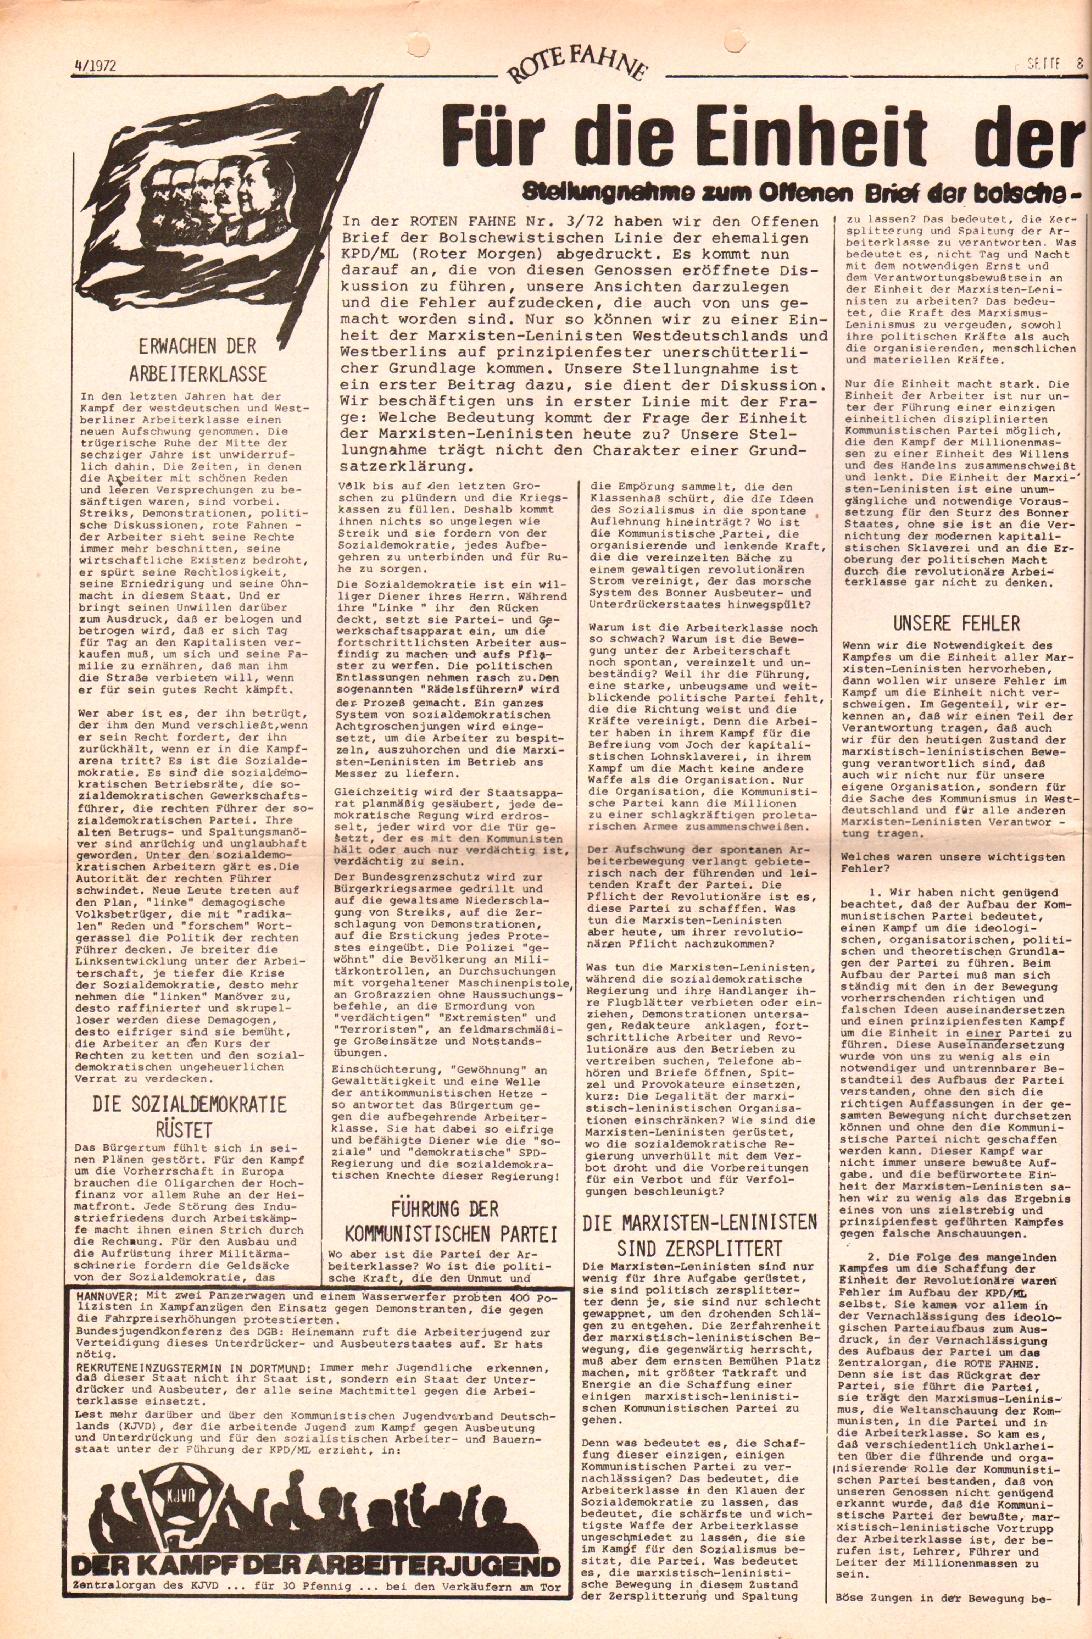 Rote Fahne, 3. Jg., 21.2.1972, Nr. 4, Seite 8